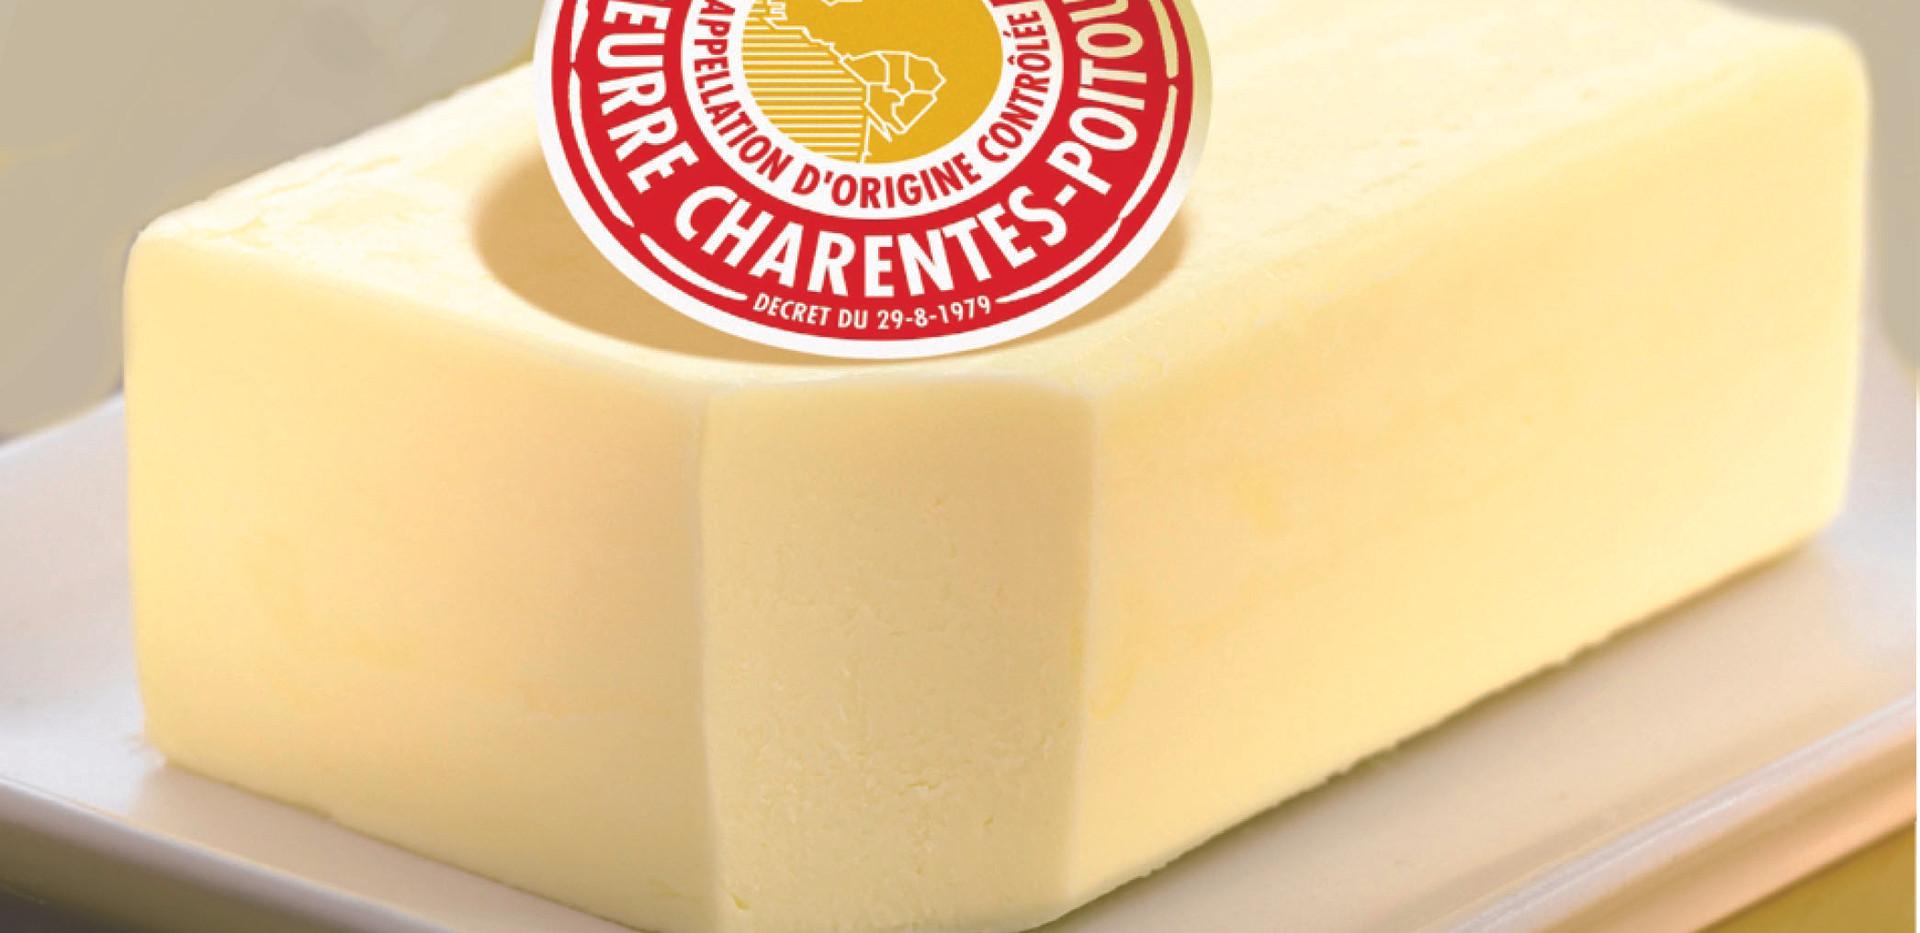 Beurre Charentes-Poitou (c)ACLC - IRQUA.